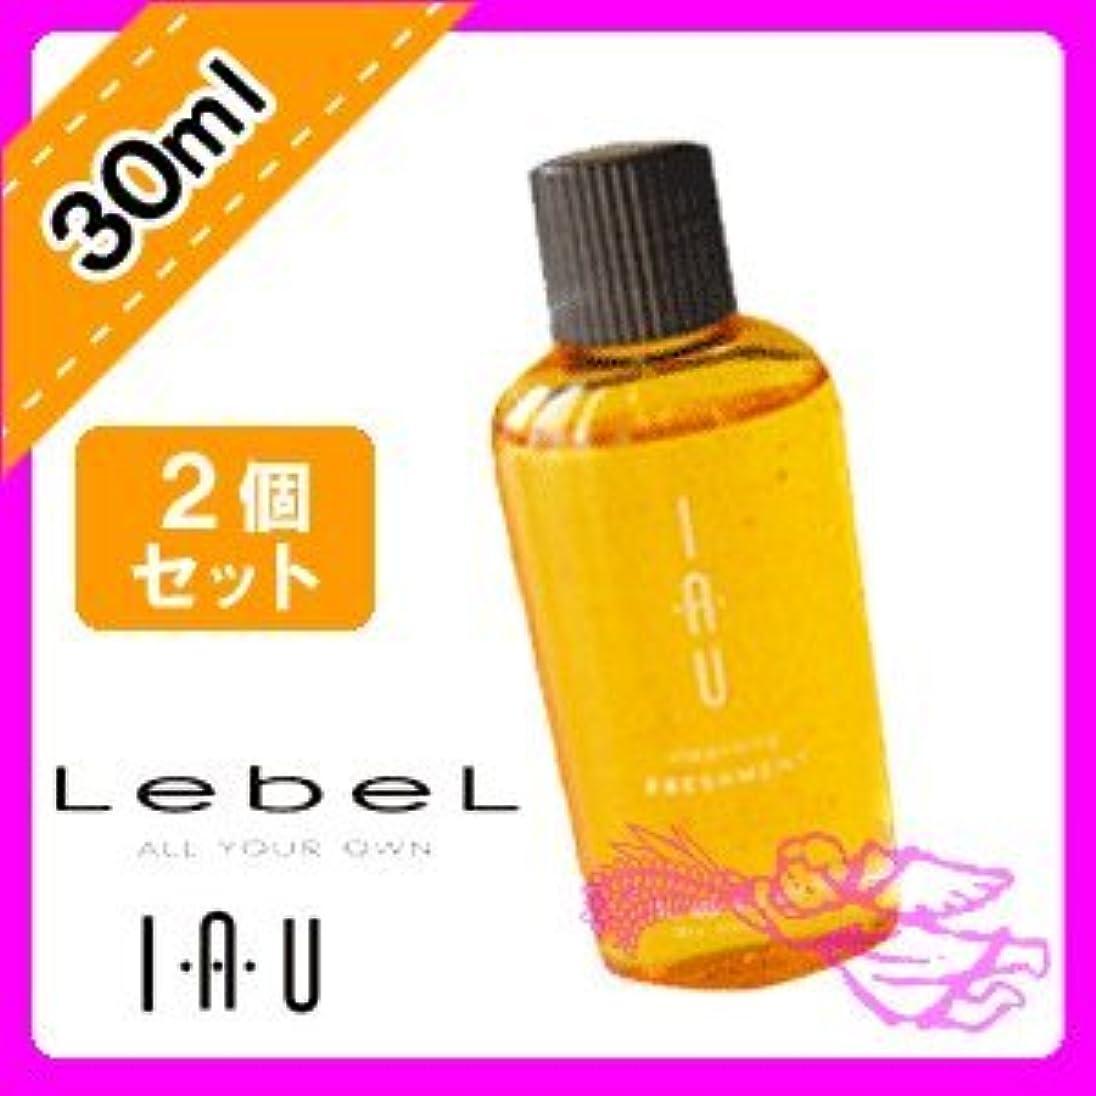 森出発豊かなルベル イオ クレンジング フレッシュメント シャンプー 30ml ×2個セット Lebel iau